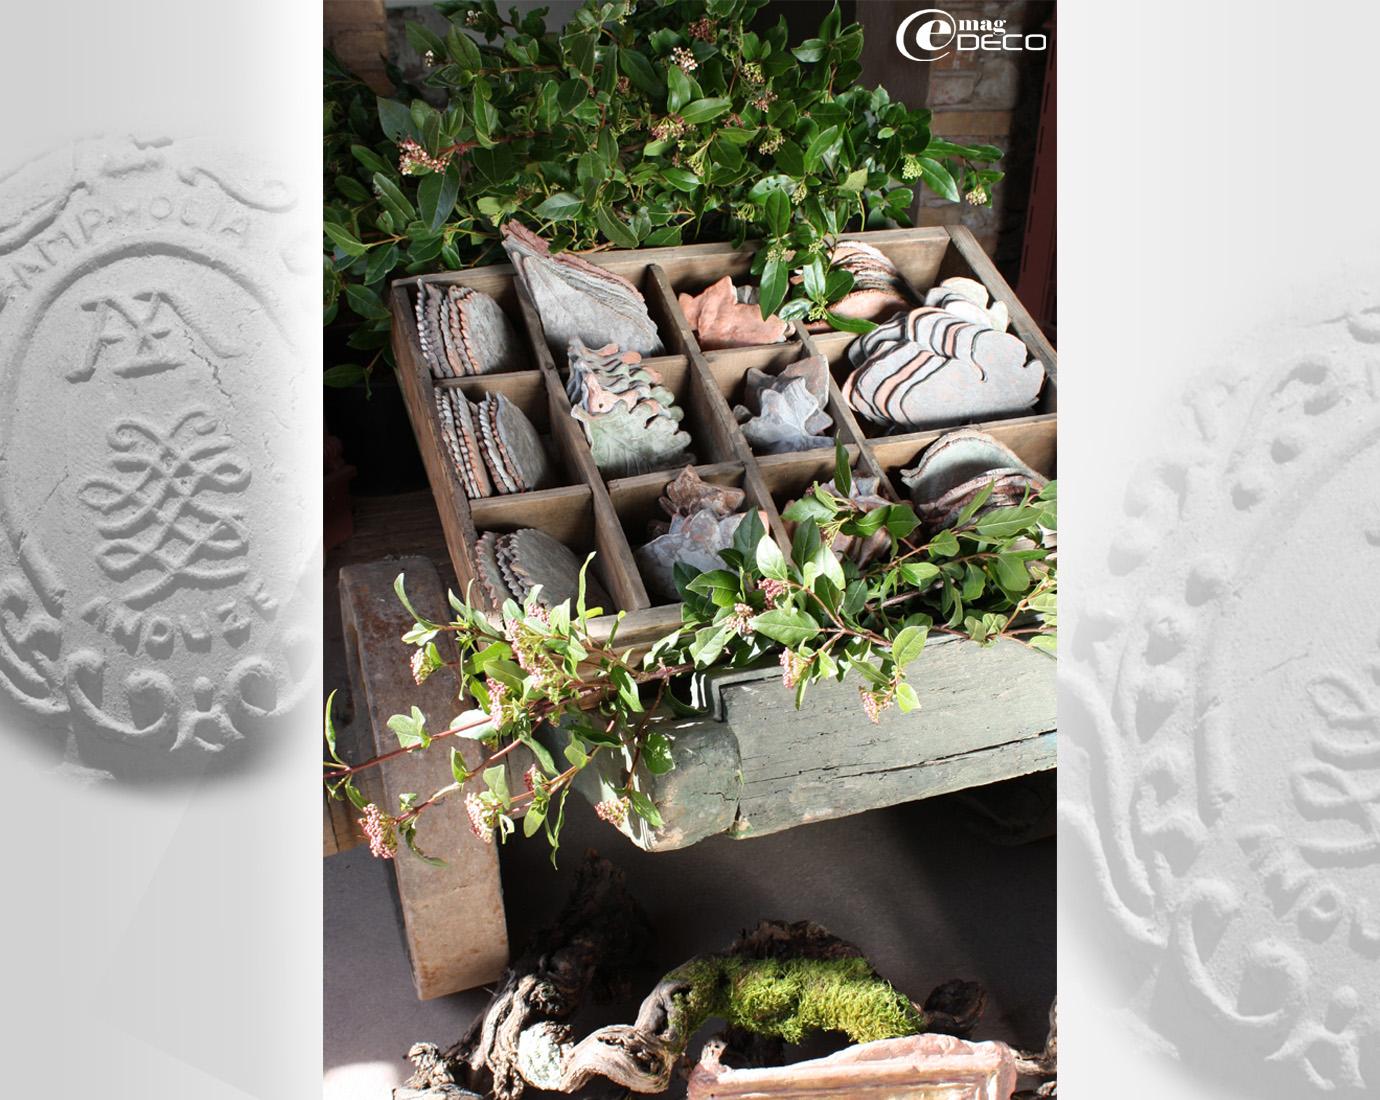 Une collection de décors feuillage présentée sur un vieux diable en bois